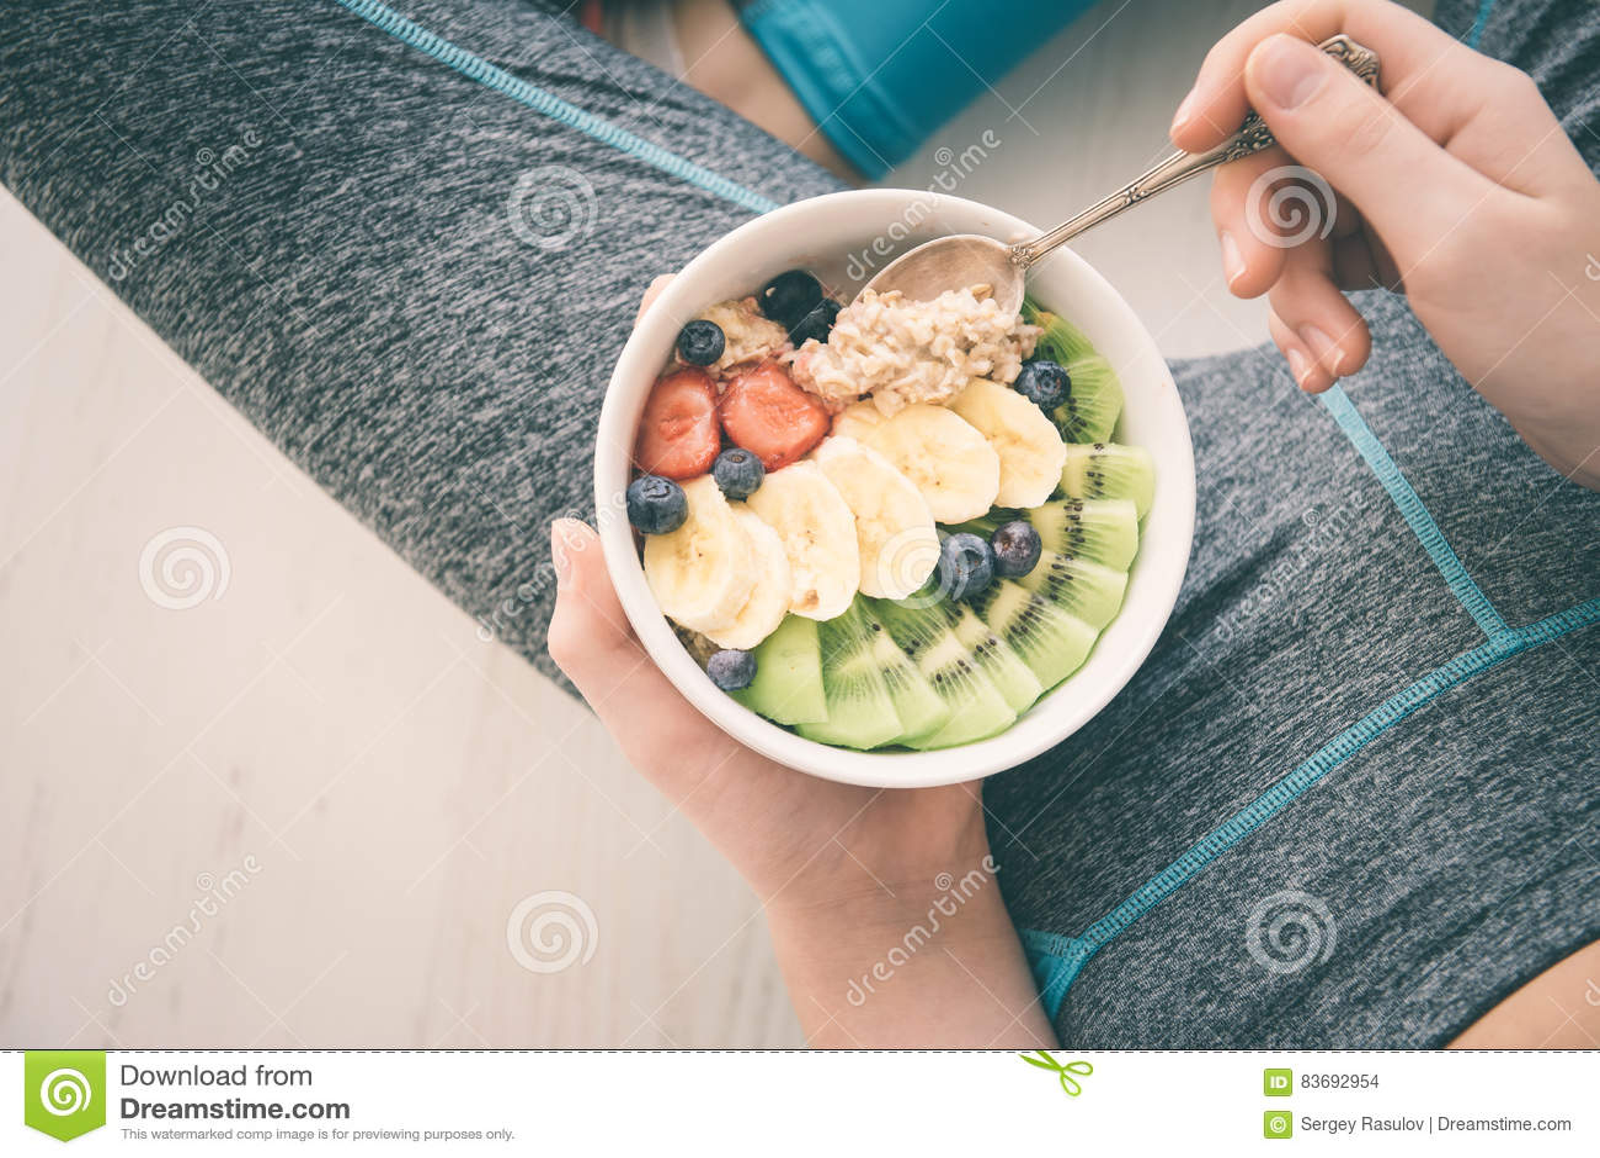 Młoda kobieta jest odpoczynkowa i jedząca zdrowego oatmeal po treningu